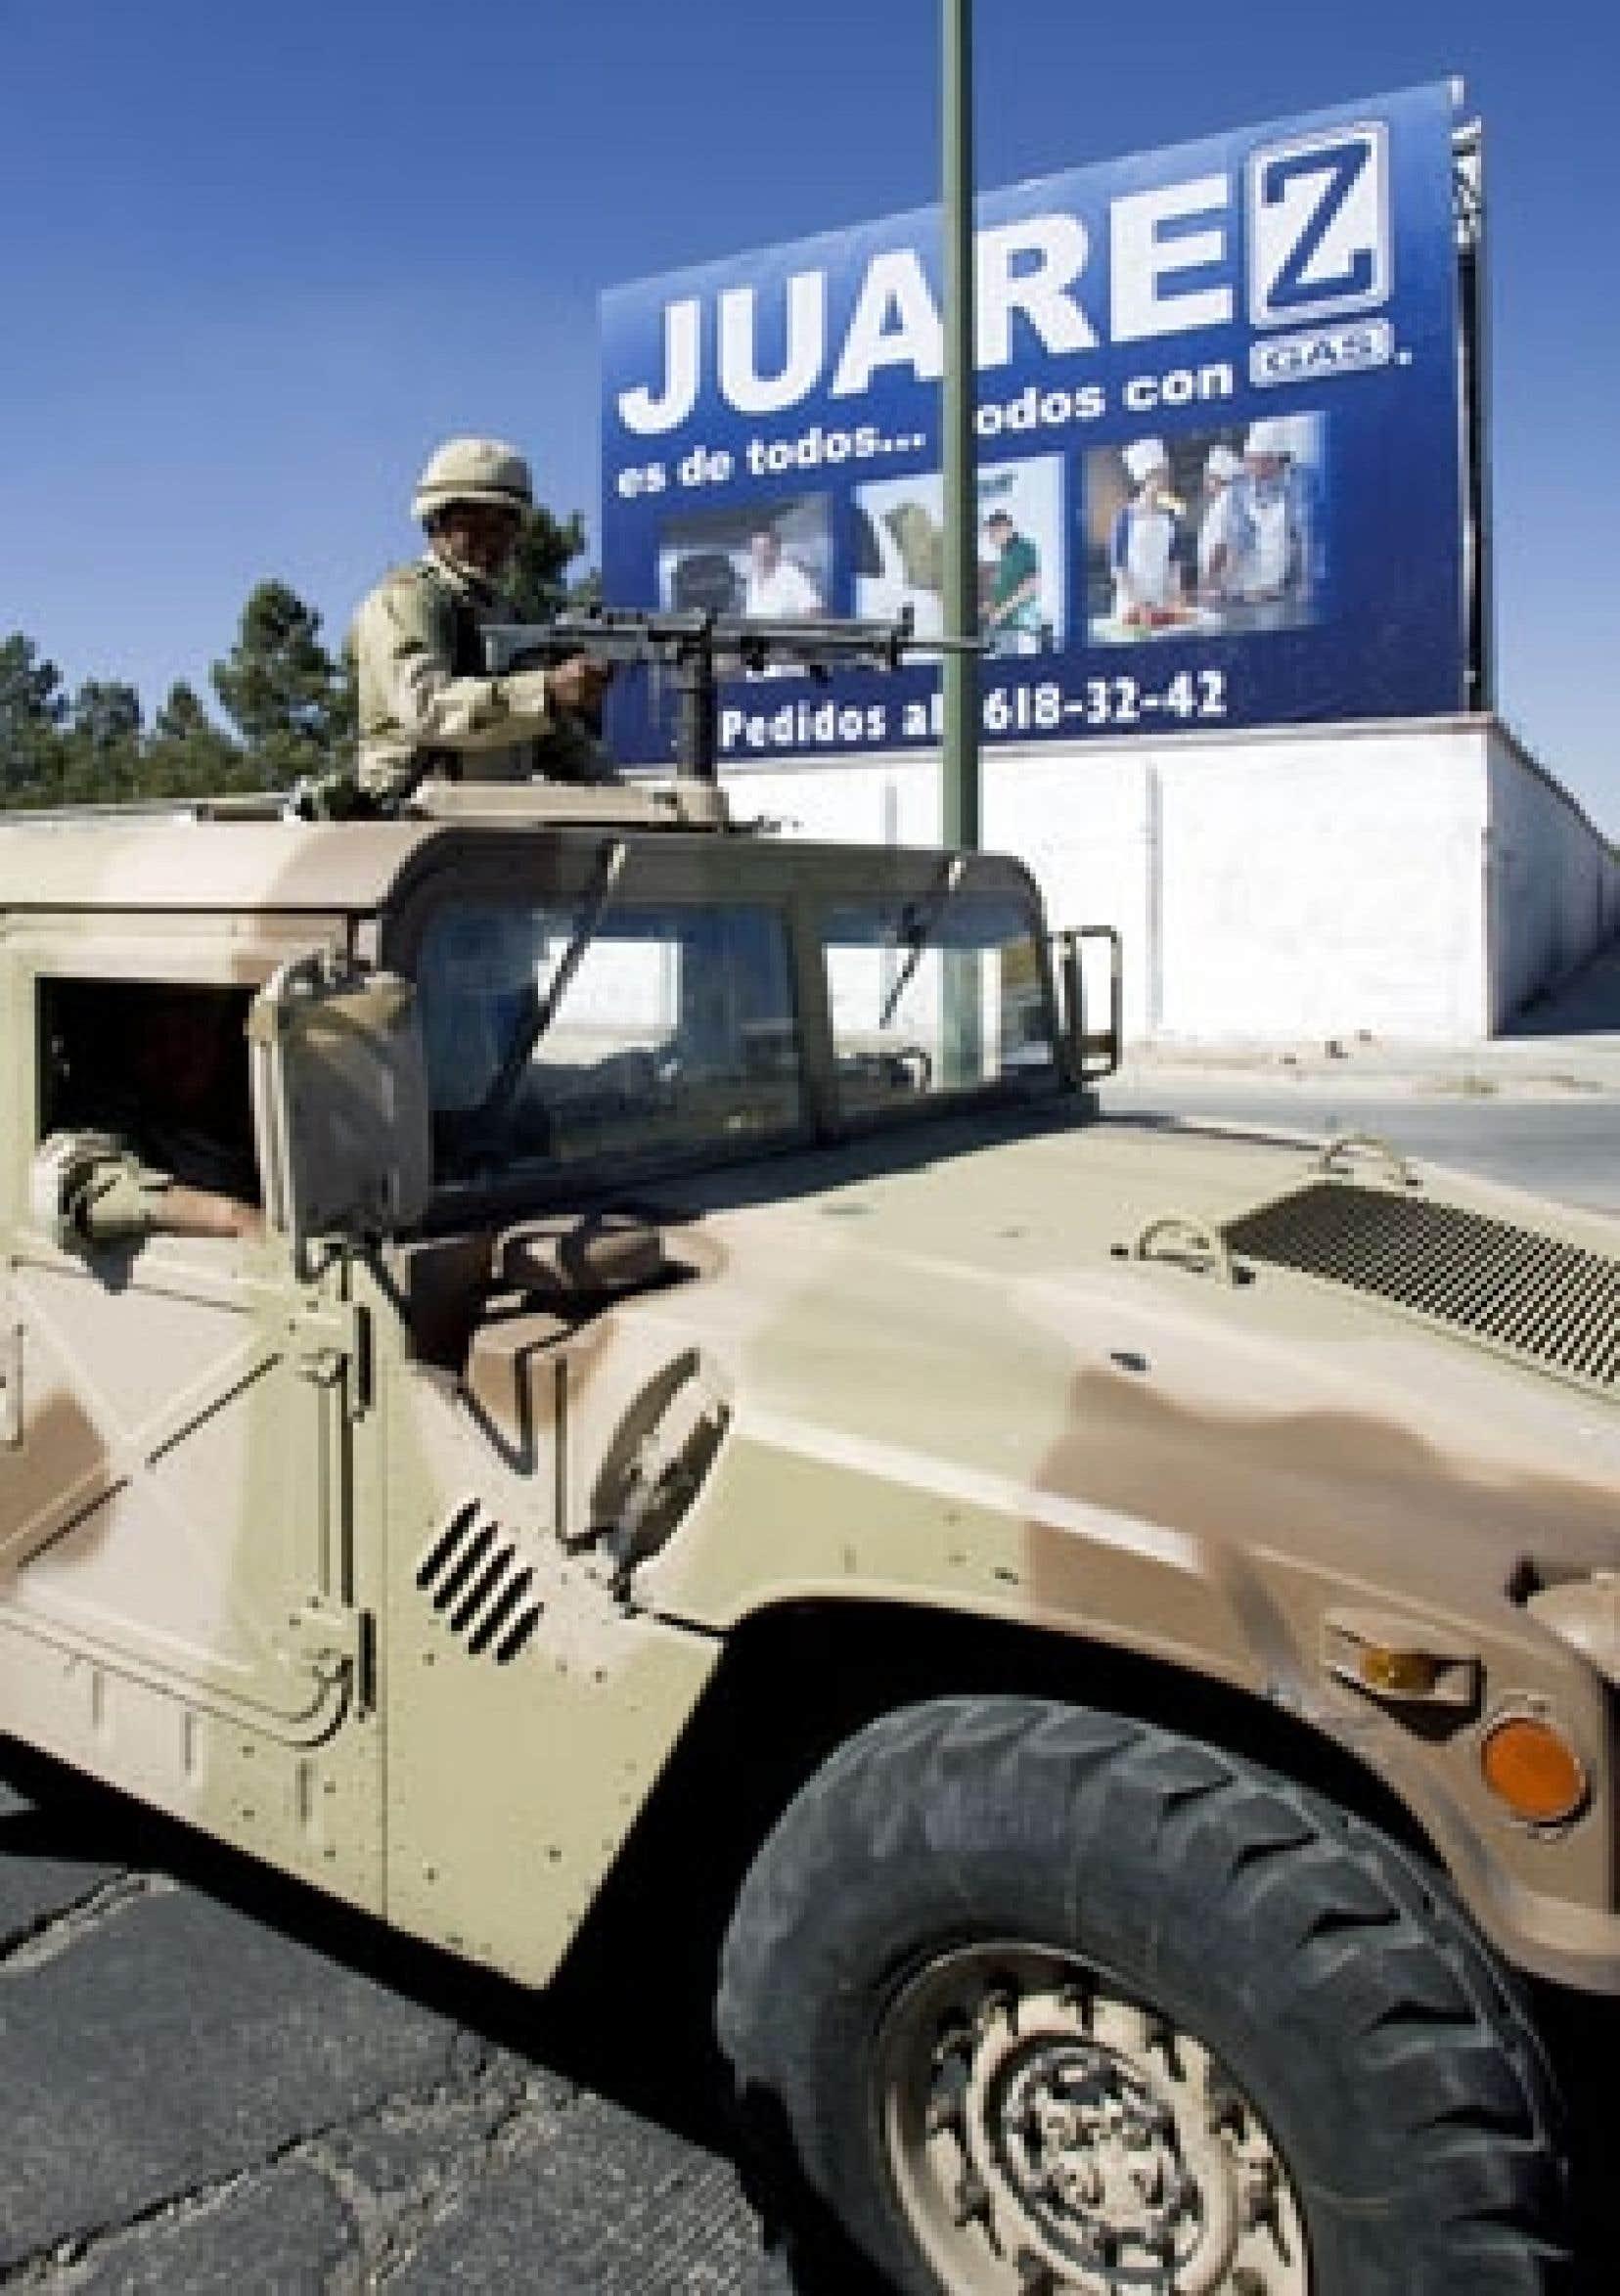 Il y a un an, le gouvernement de Mexico a envoyé l'armée rétablir l'ordre à Ciudad Juarez.